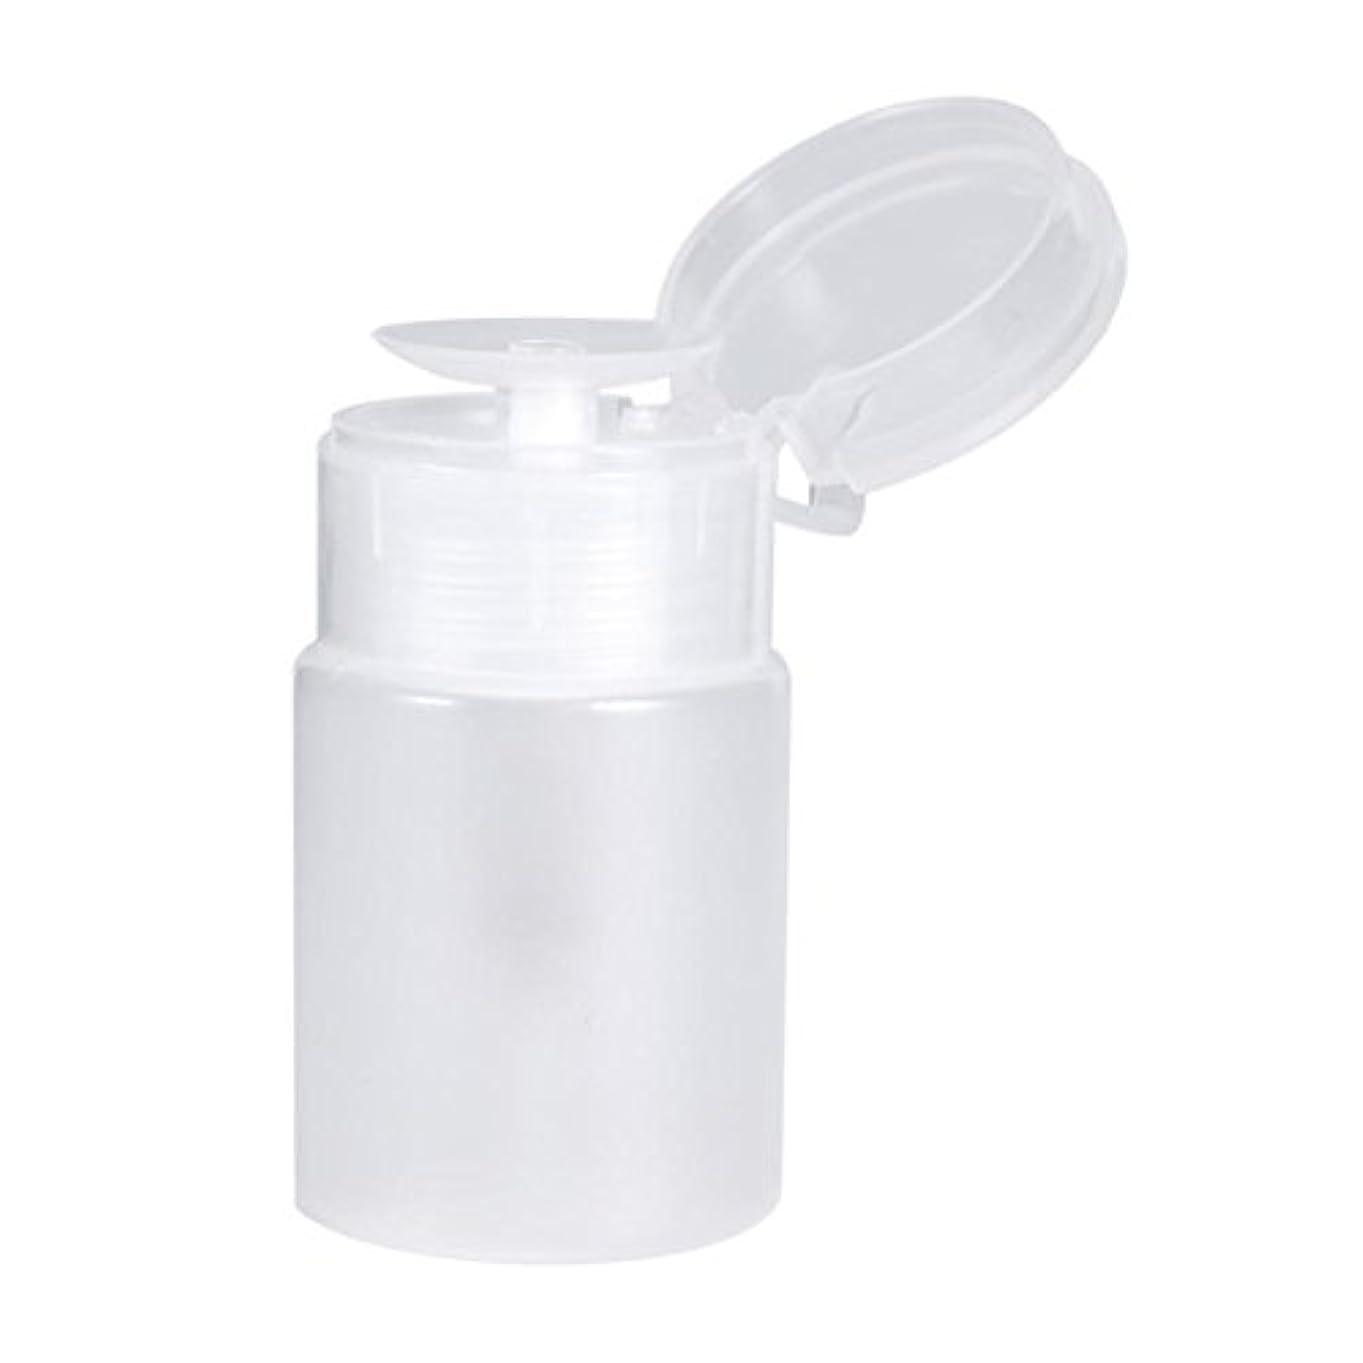 文献比類なきカリングネイルディスペンサーボトル、プッシュダウンディスペンサーネイルポリッシュリムーバーポンプ空のボトルディスペンサー液体ボトル容器60ミリリットル(白)